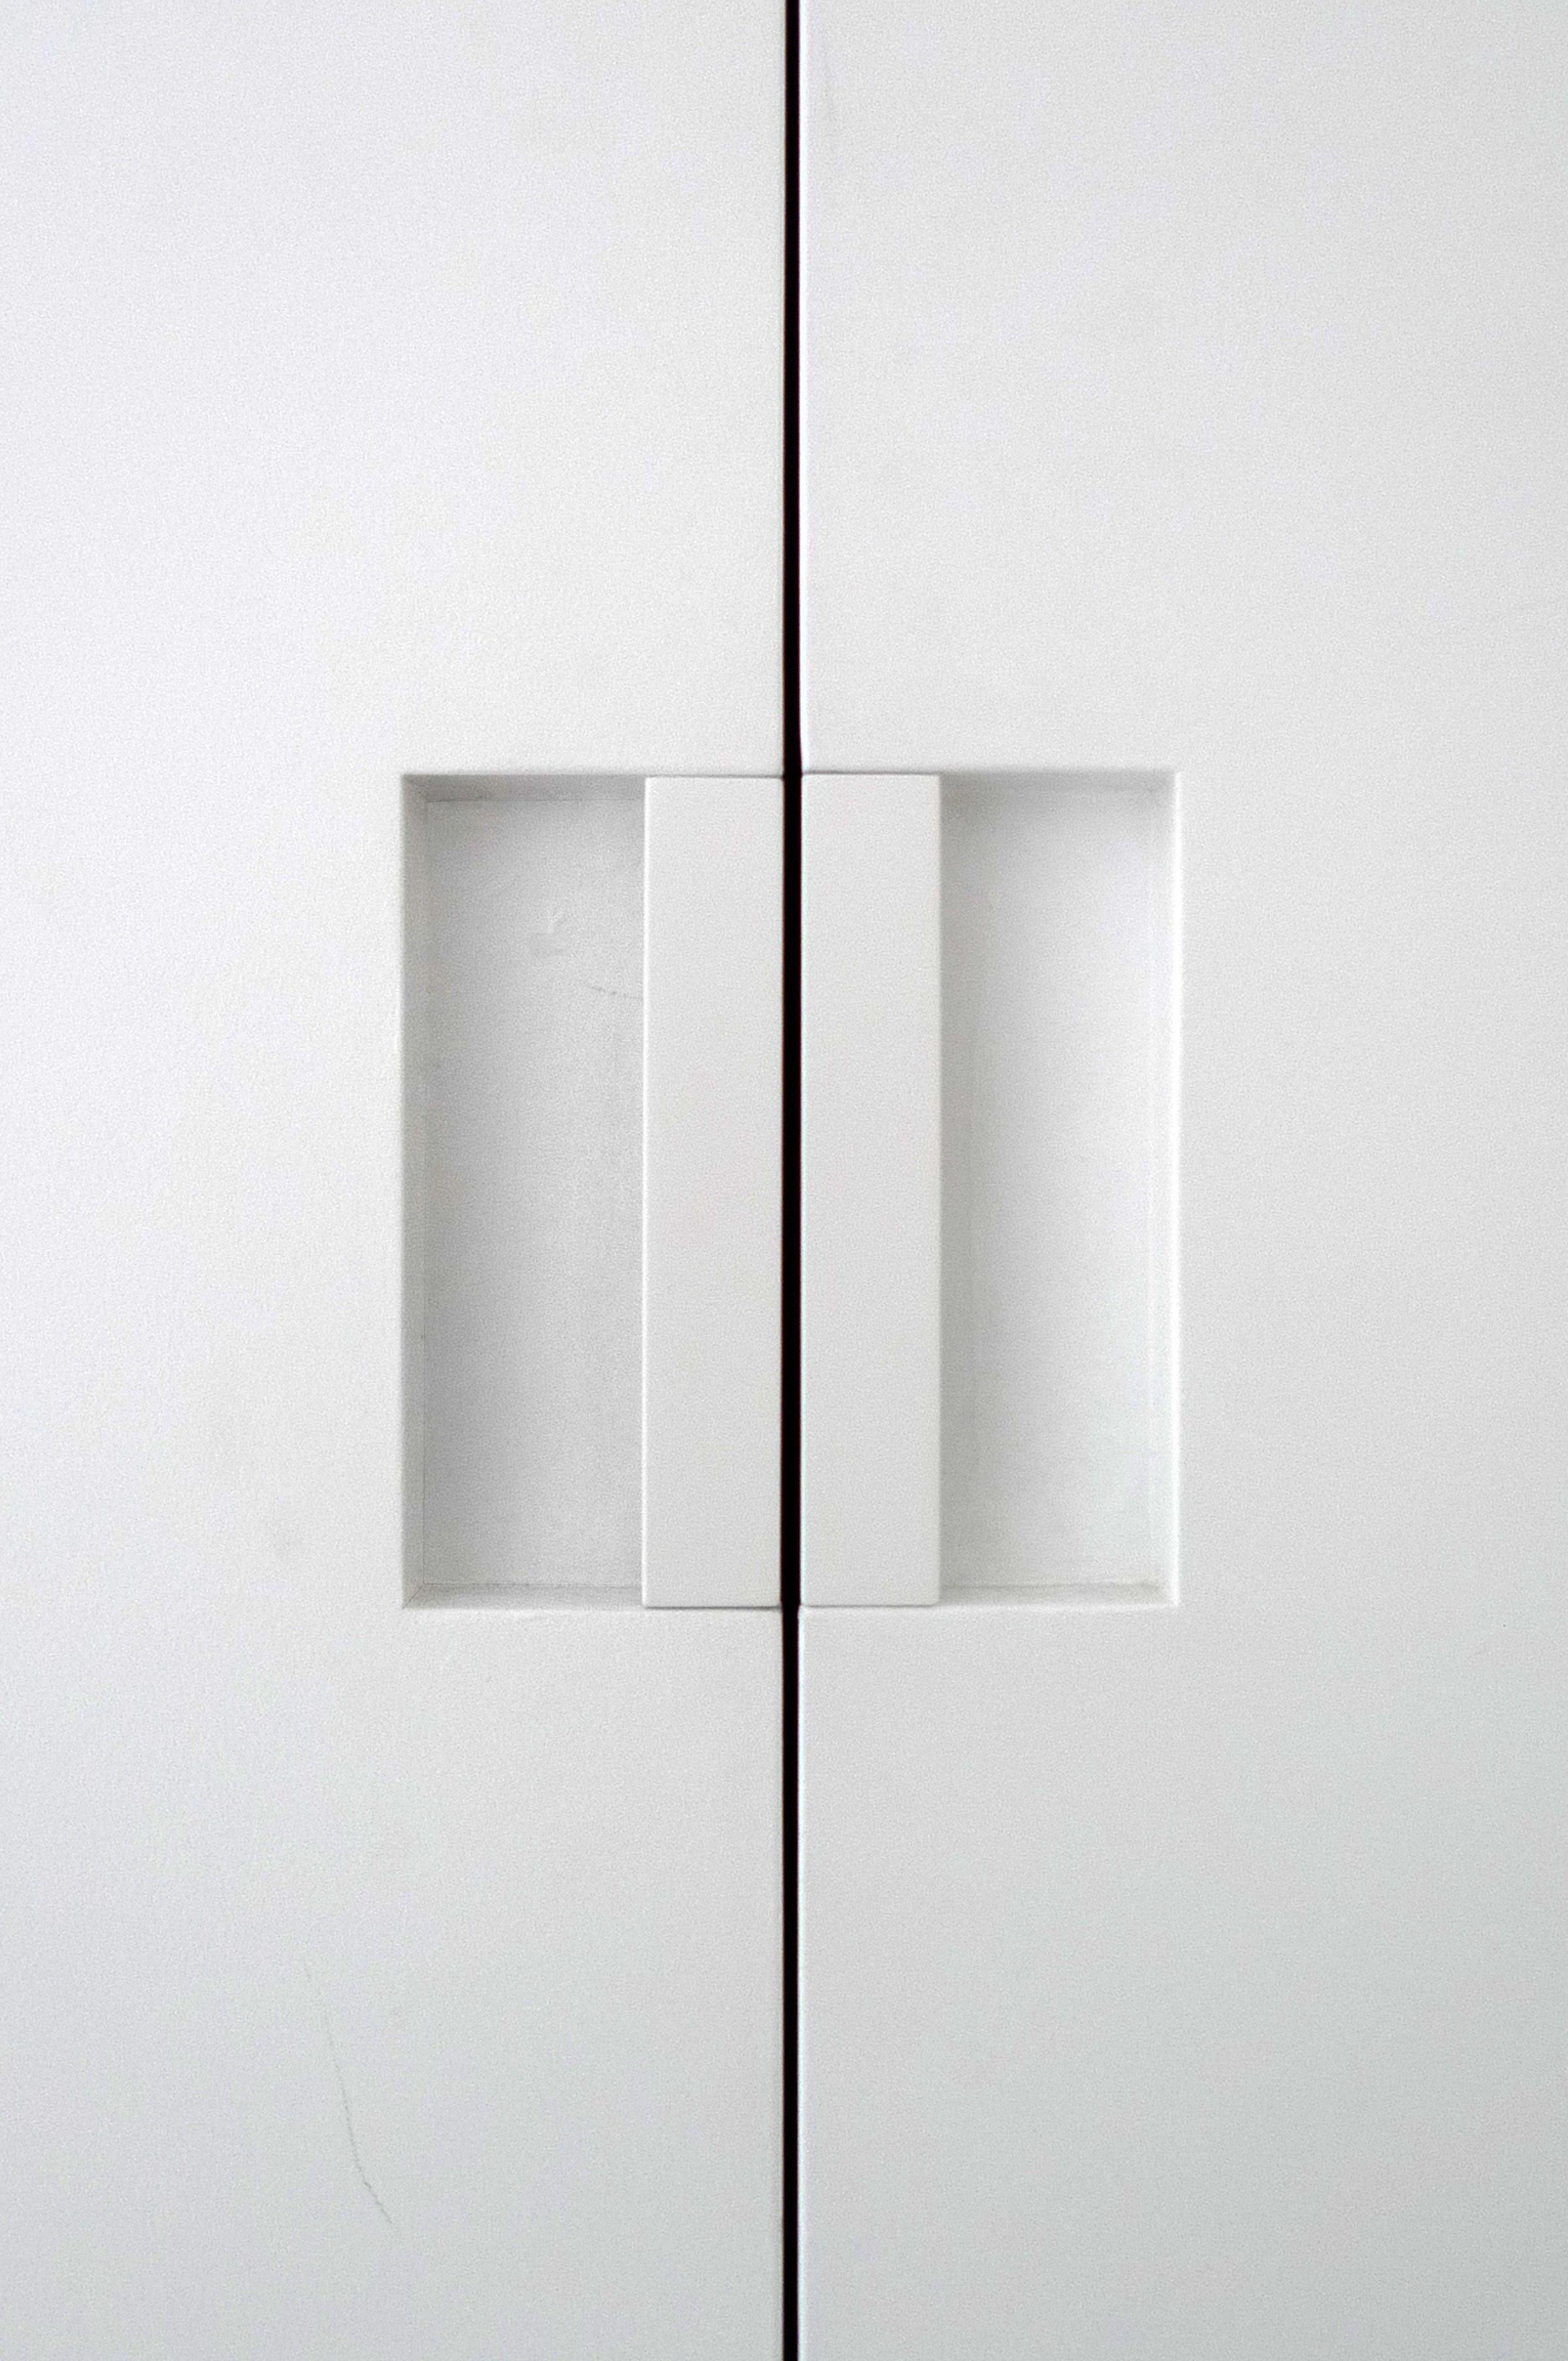 Min White Line In Door Pull 2400 X 3614 1335 Kb Jpeg Art Pinterest Door Pulls Doors